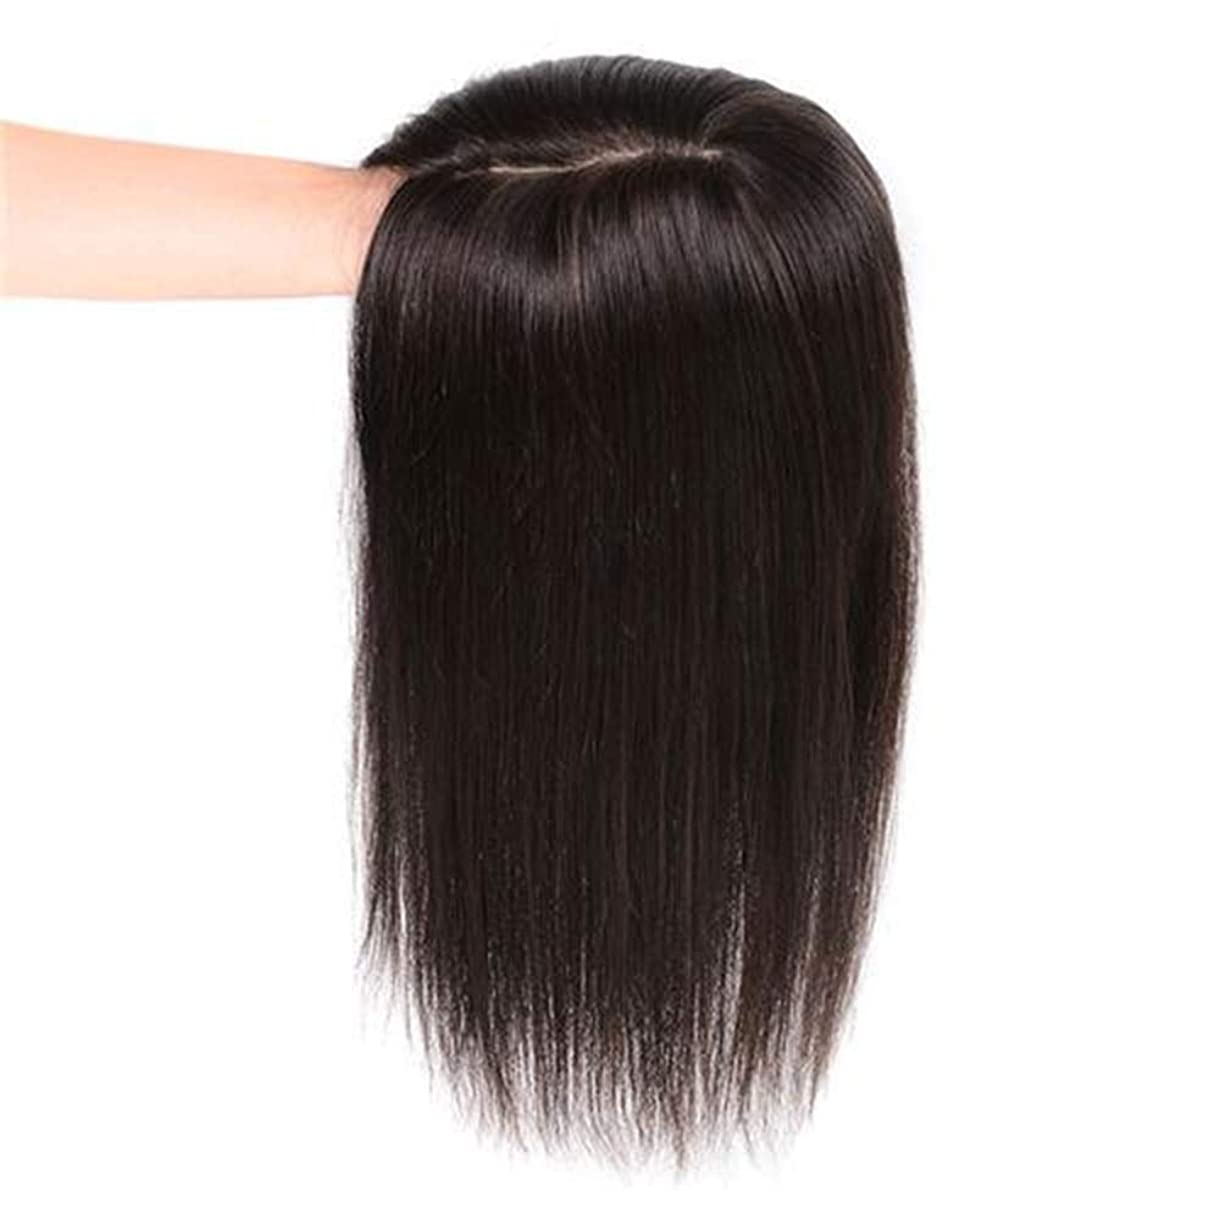 頭守銭奴ネストBOBIDYEE 女性のロングストレートヘアクリップリアルヘアエクステンションヘアピース14×14ハンドニードルナチュラルかつら複合ヘアレースかつらロールプレイングウィッグロングとショート女性自然 (色 : Dark brown, サイズ : 35cm)